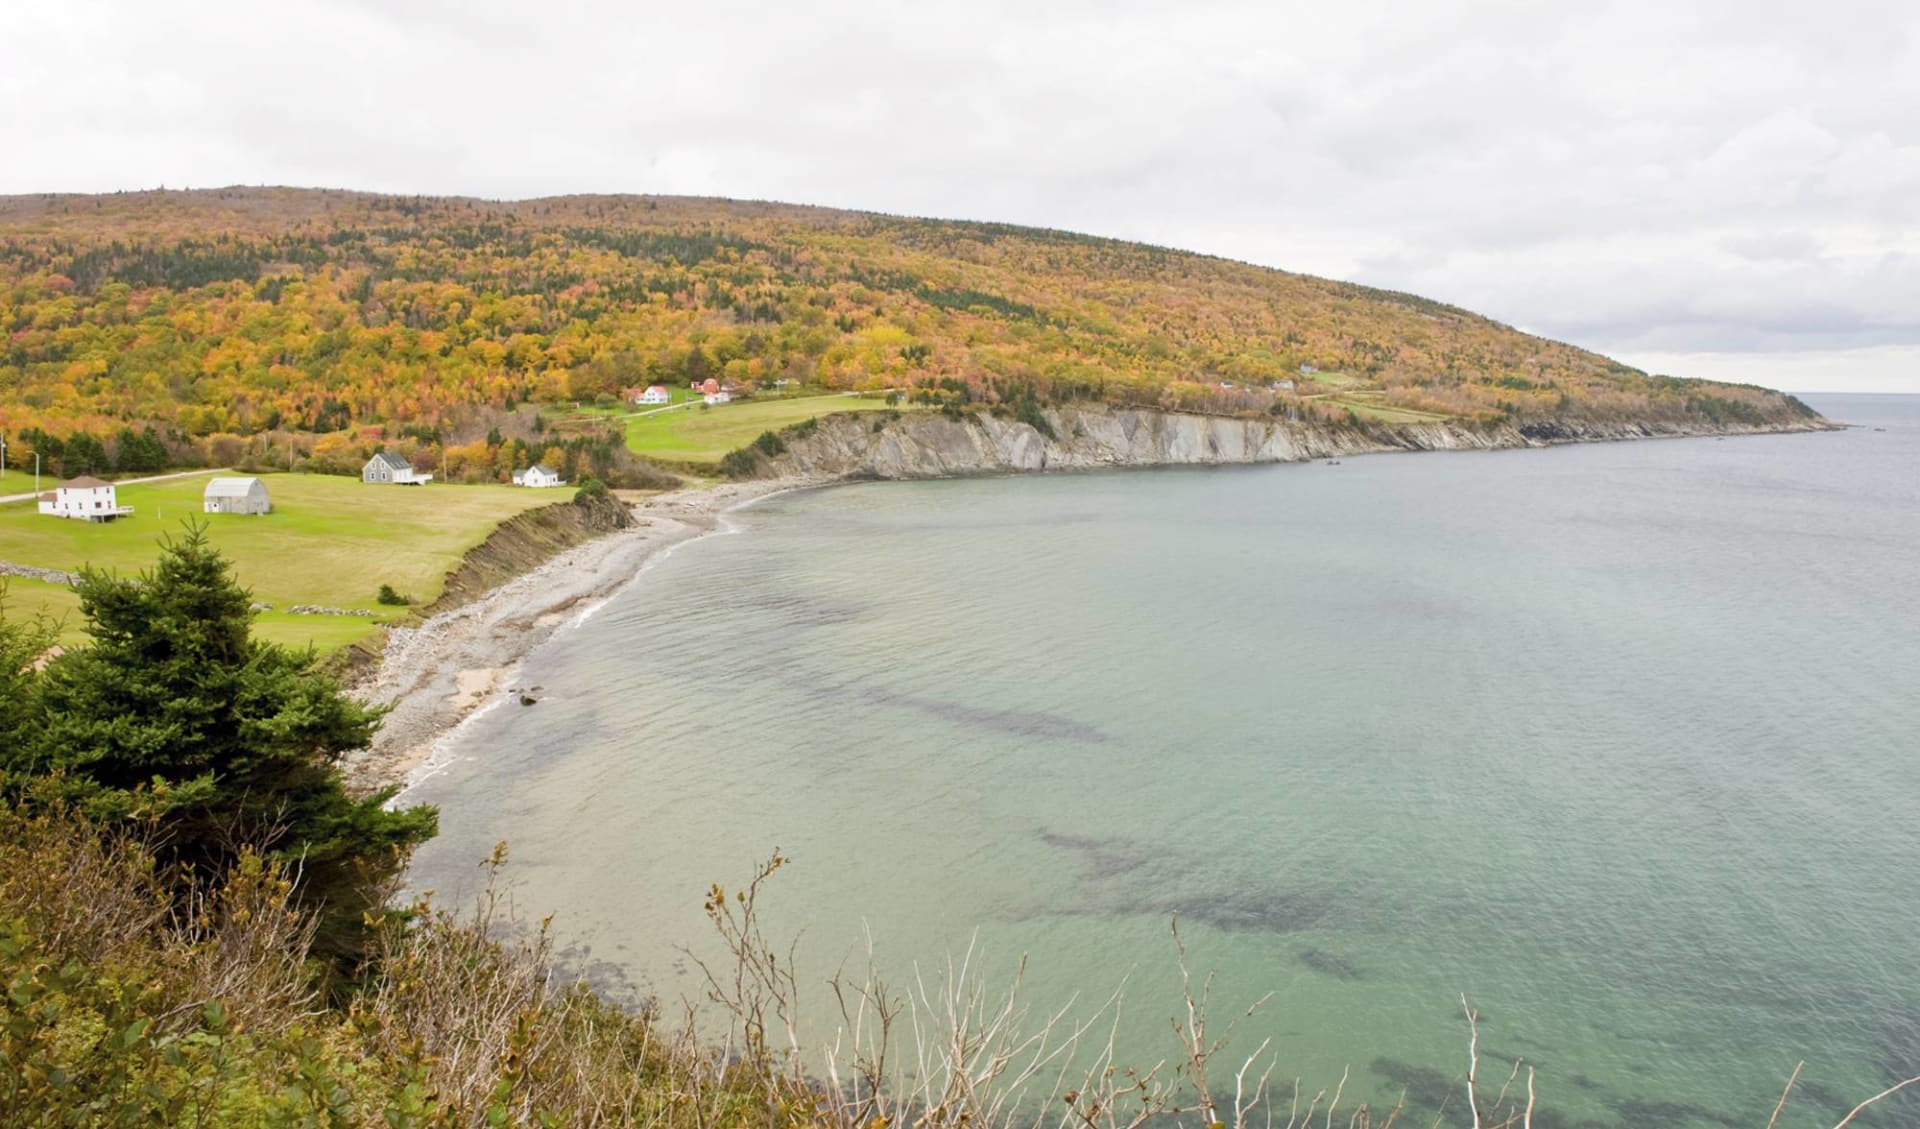 Strände, Inseln Lobster und Elche ab Halifax: Atlantikküste - Nova Scotia - Five Island Provincial Park